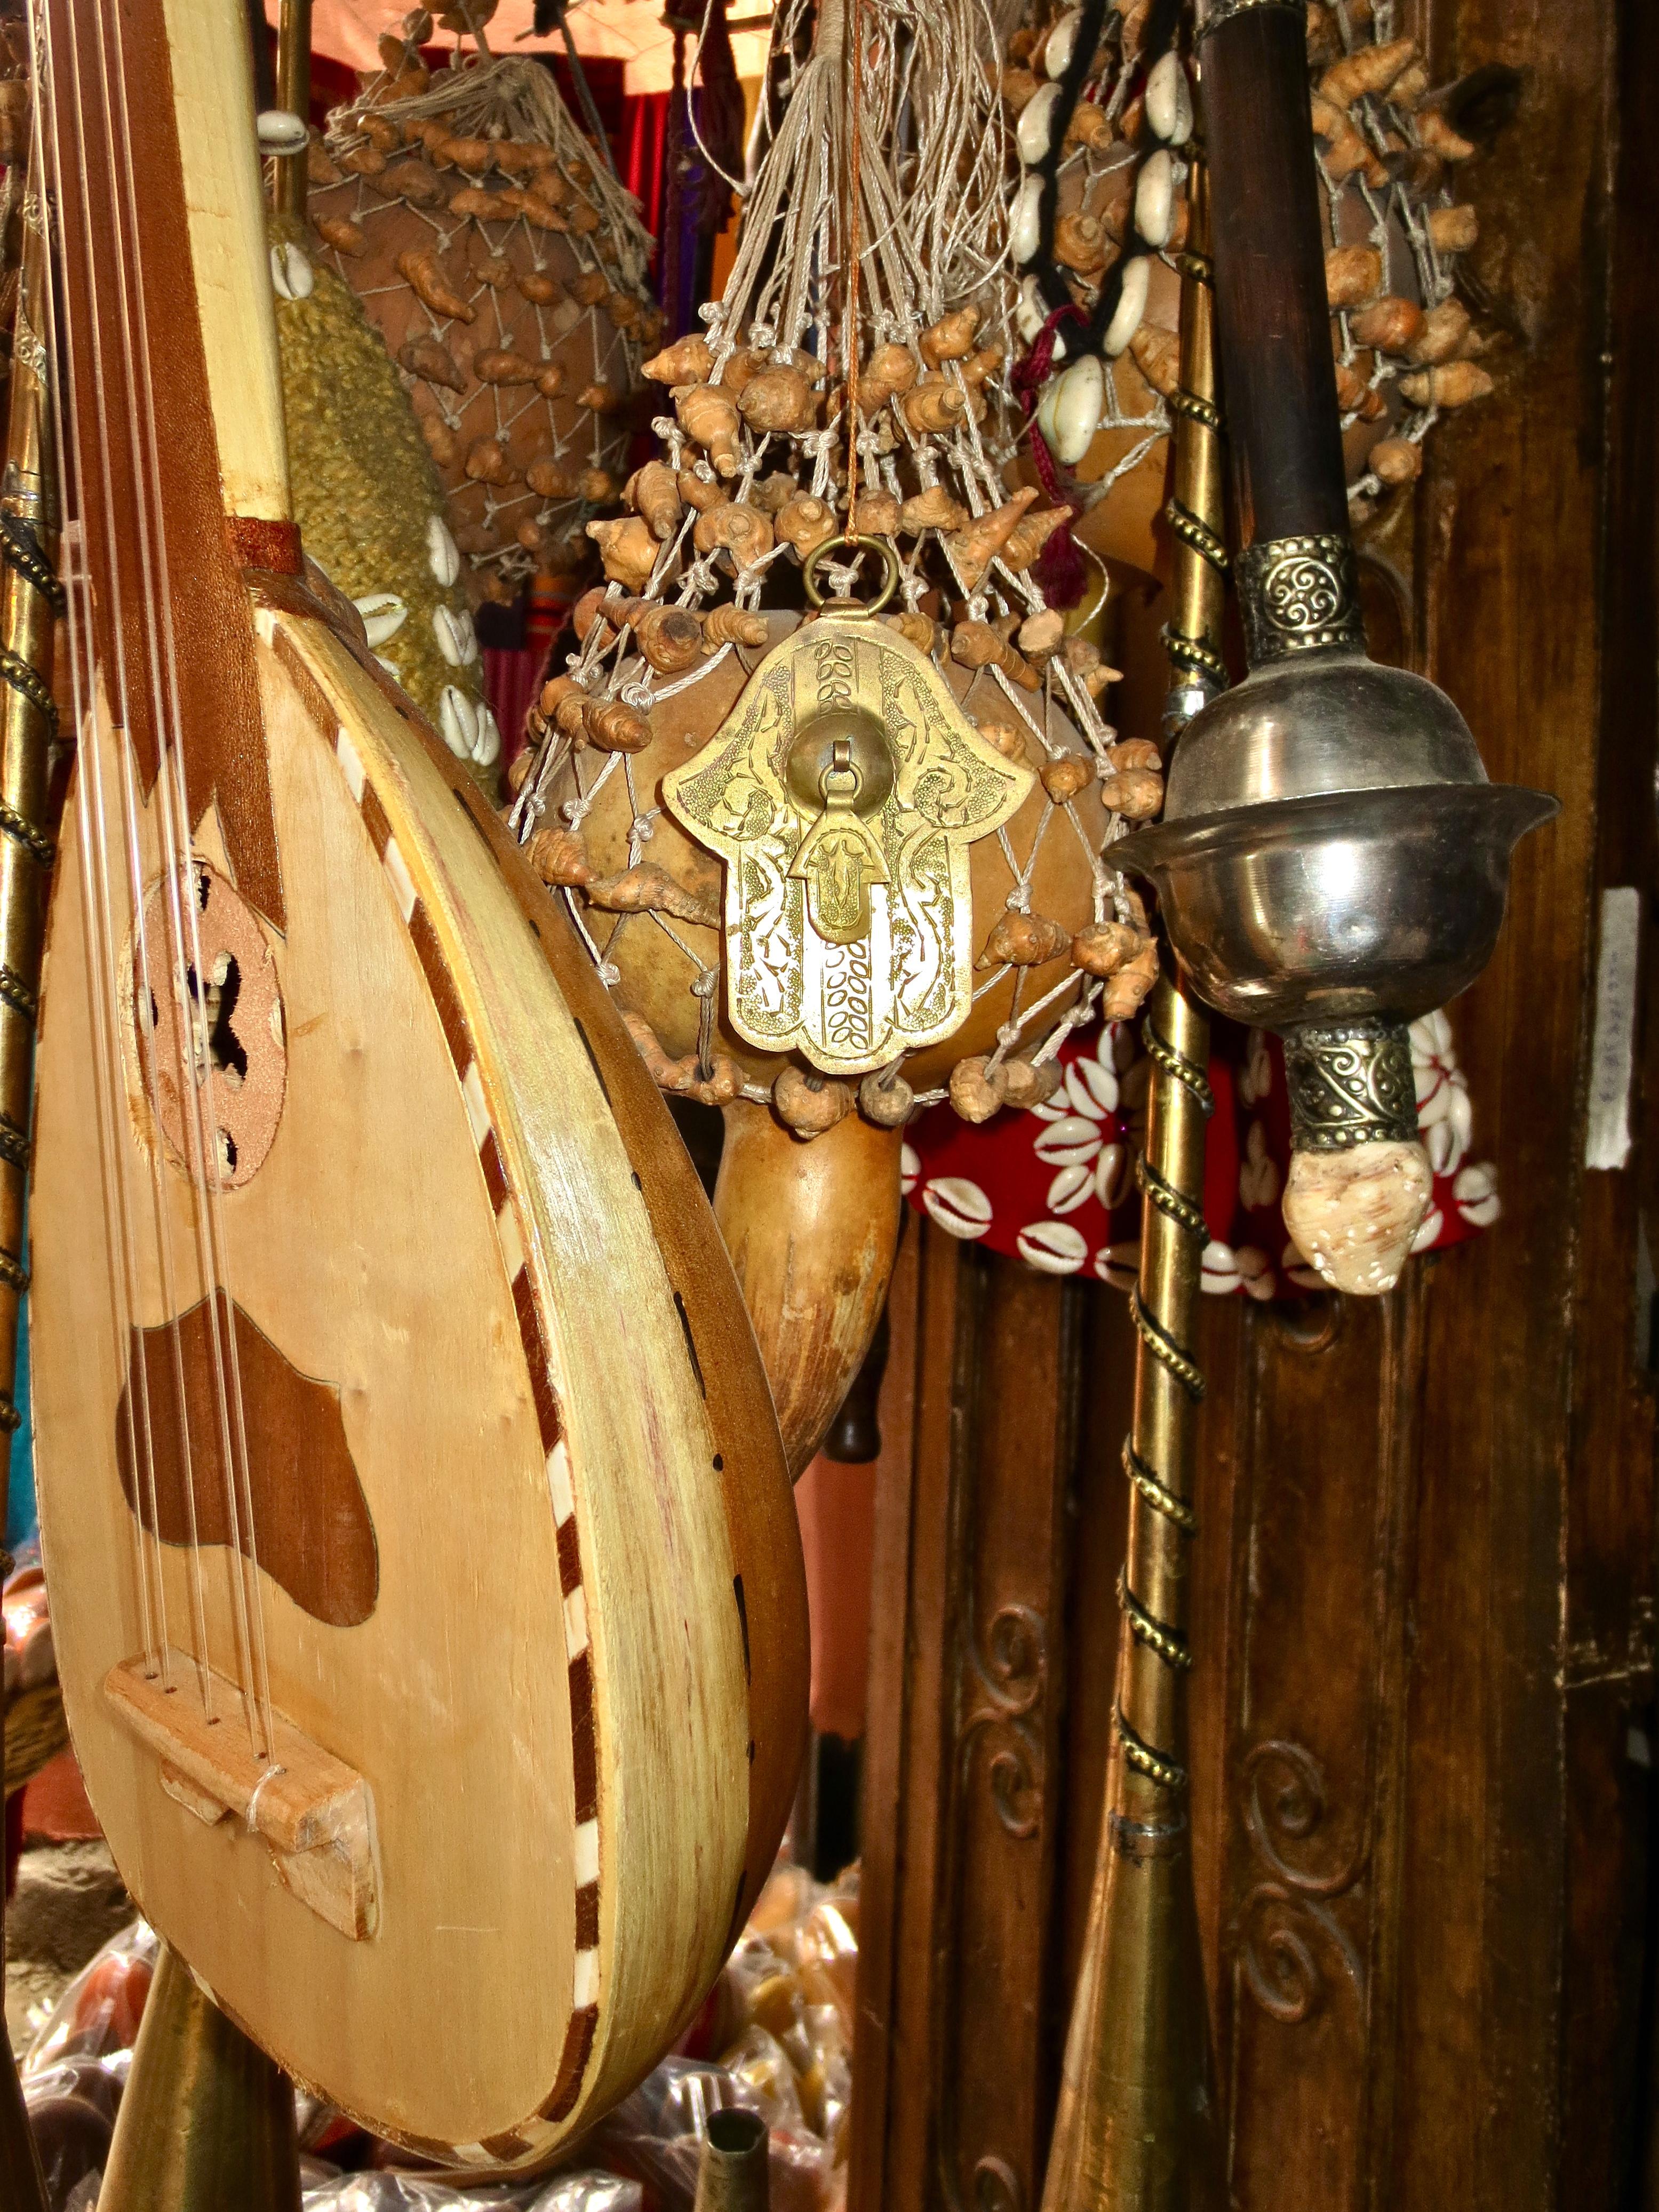 Instruments II